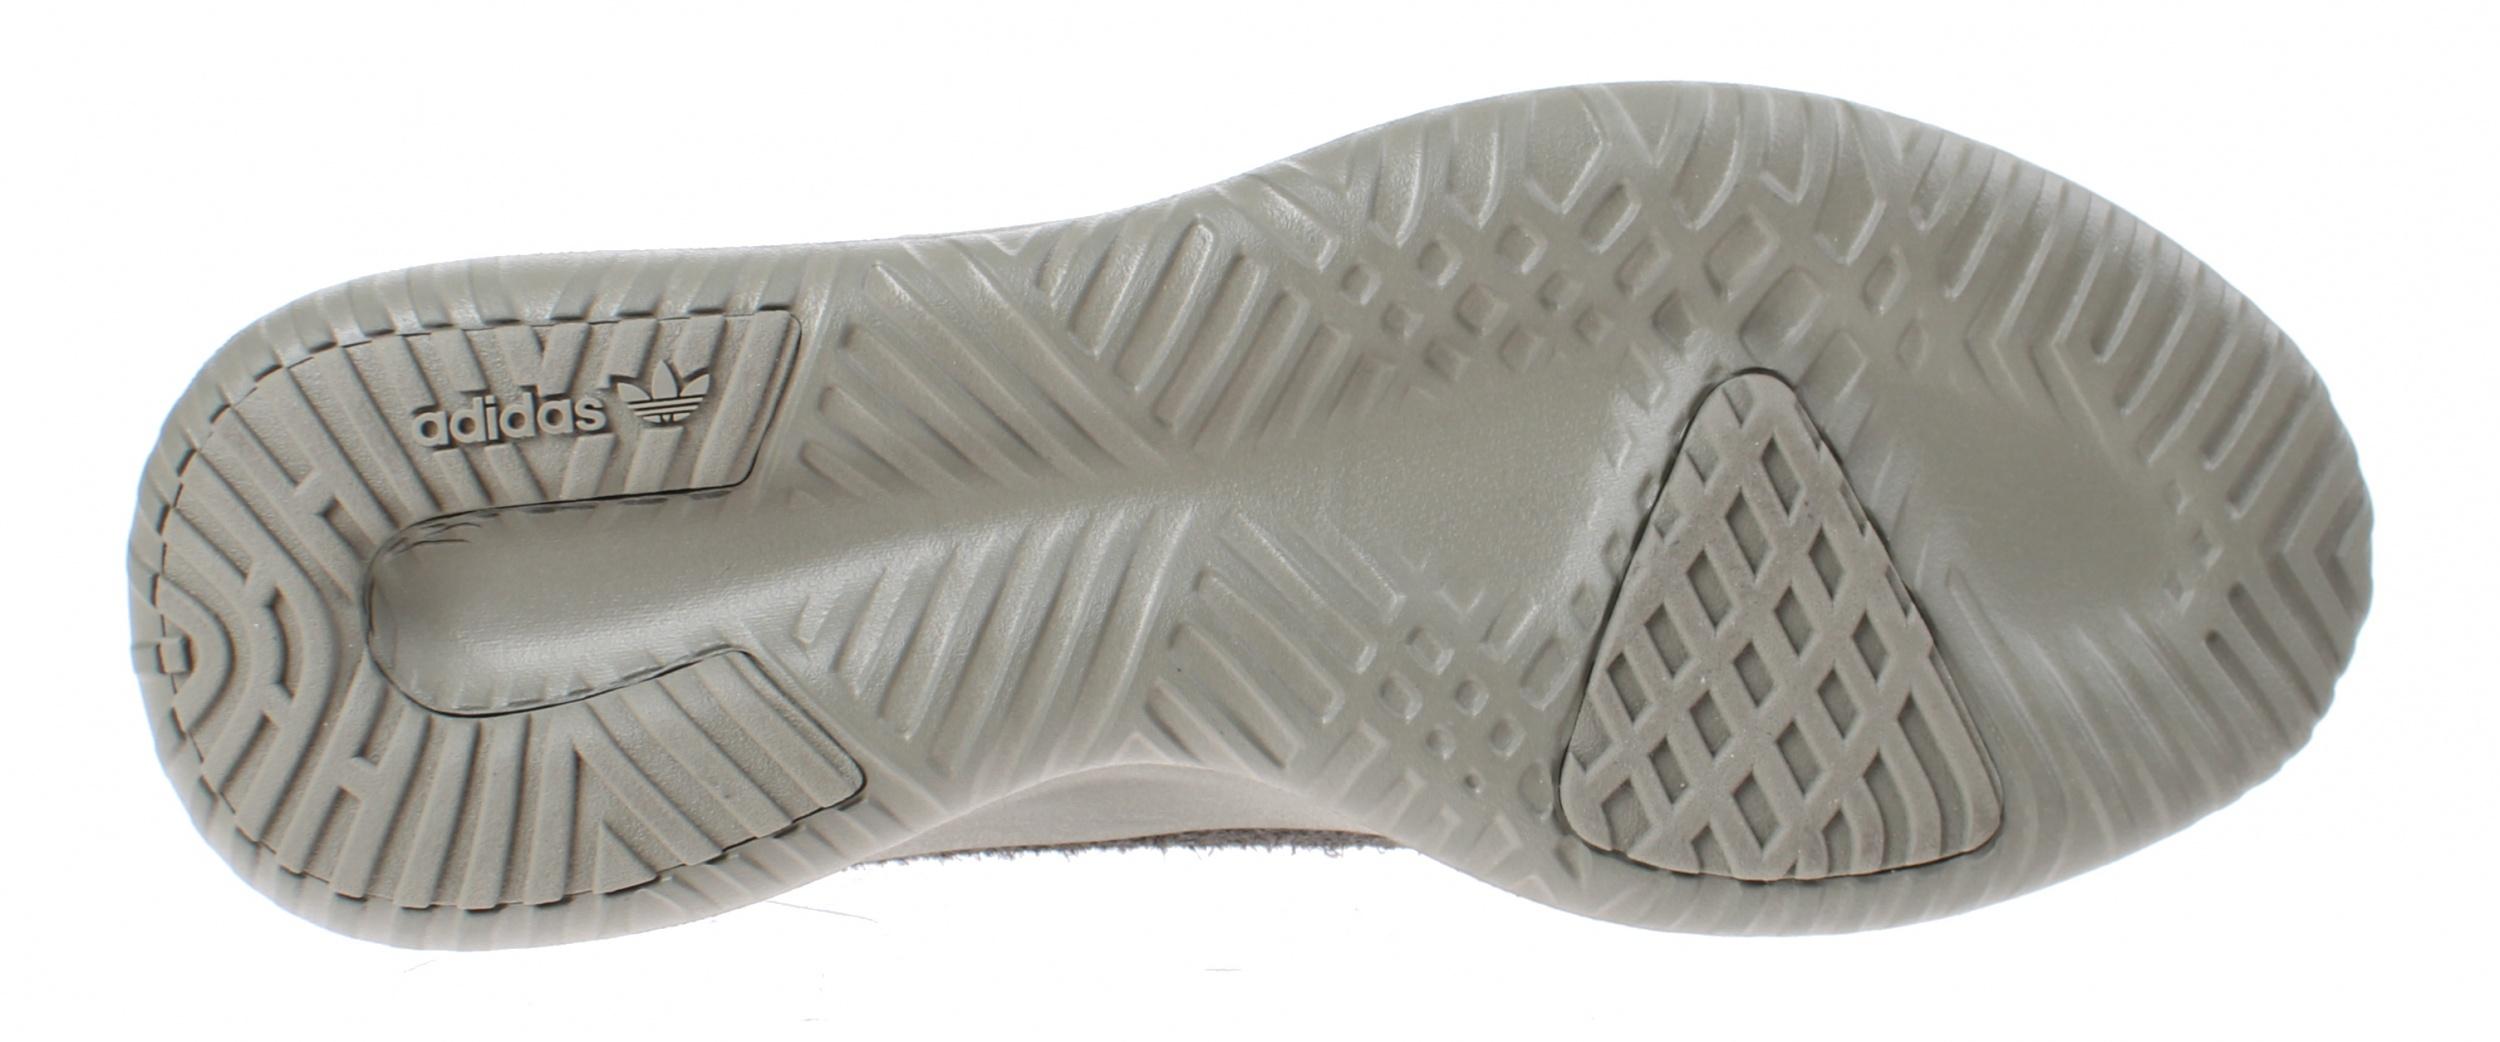 adidas tubular shadow groen